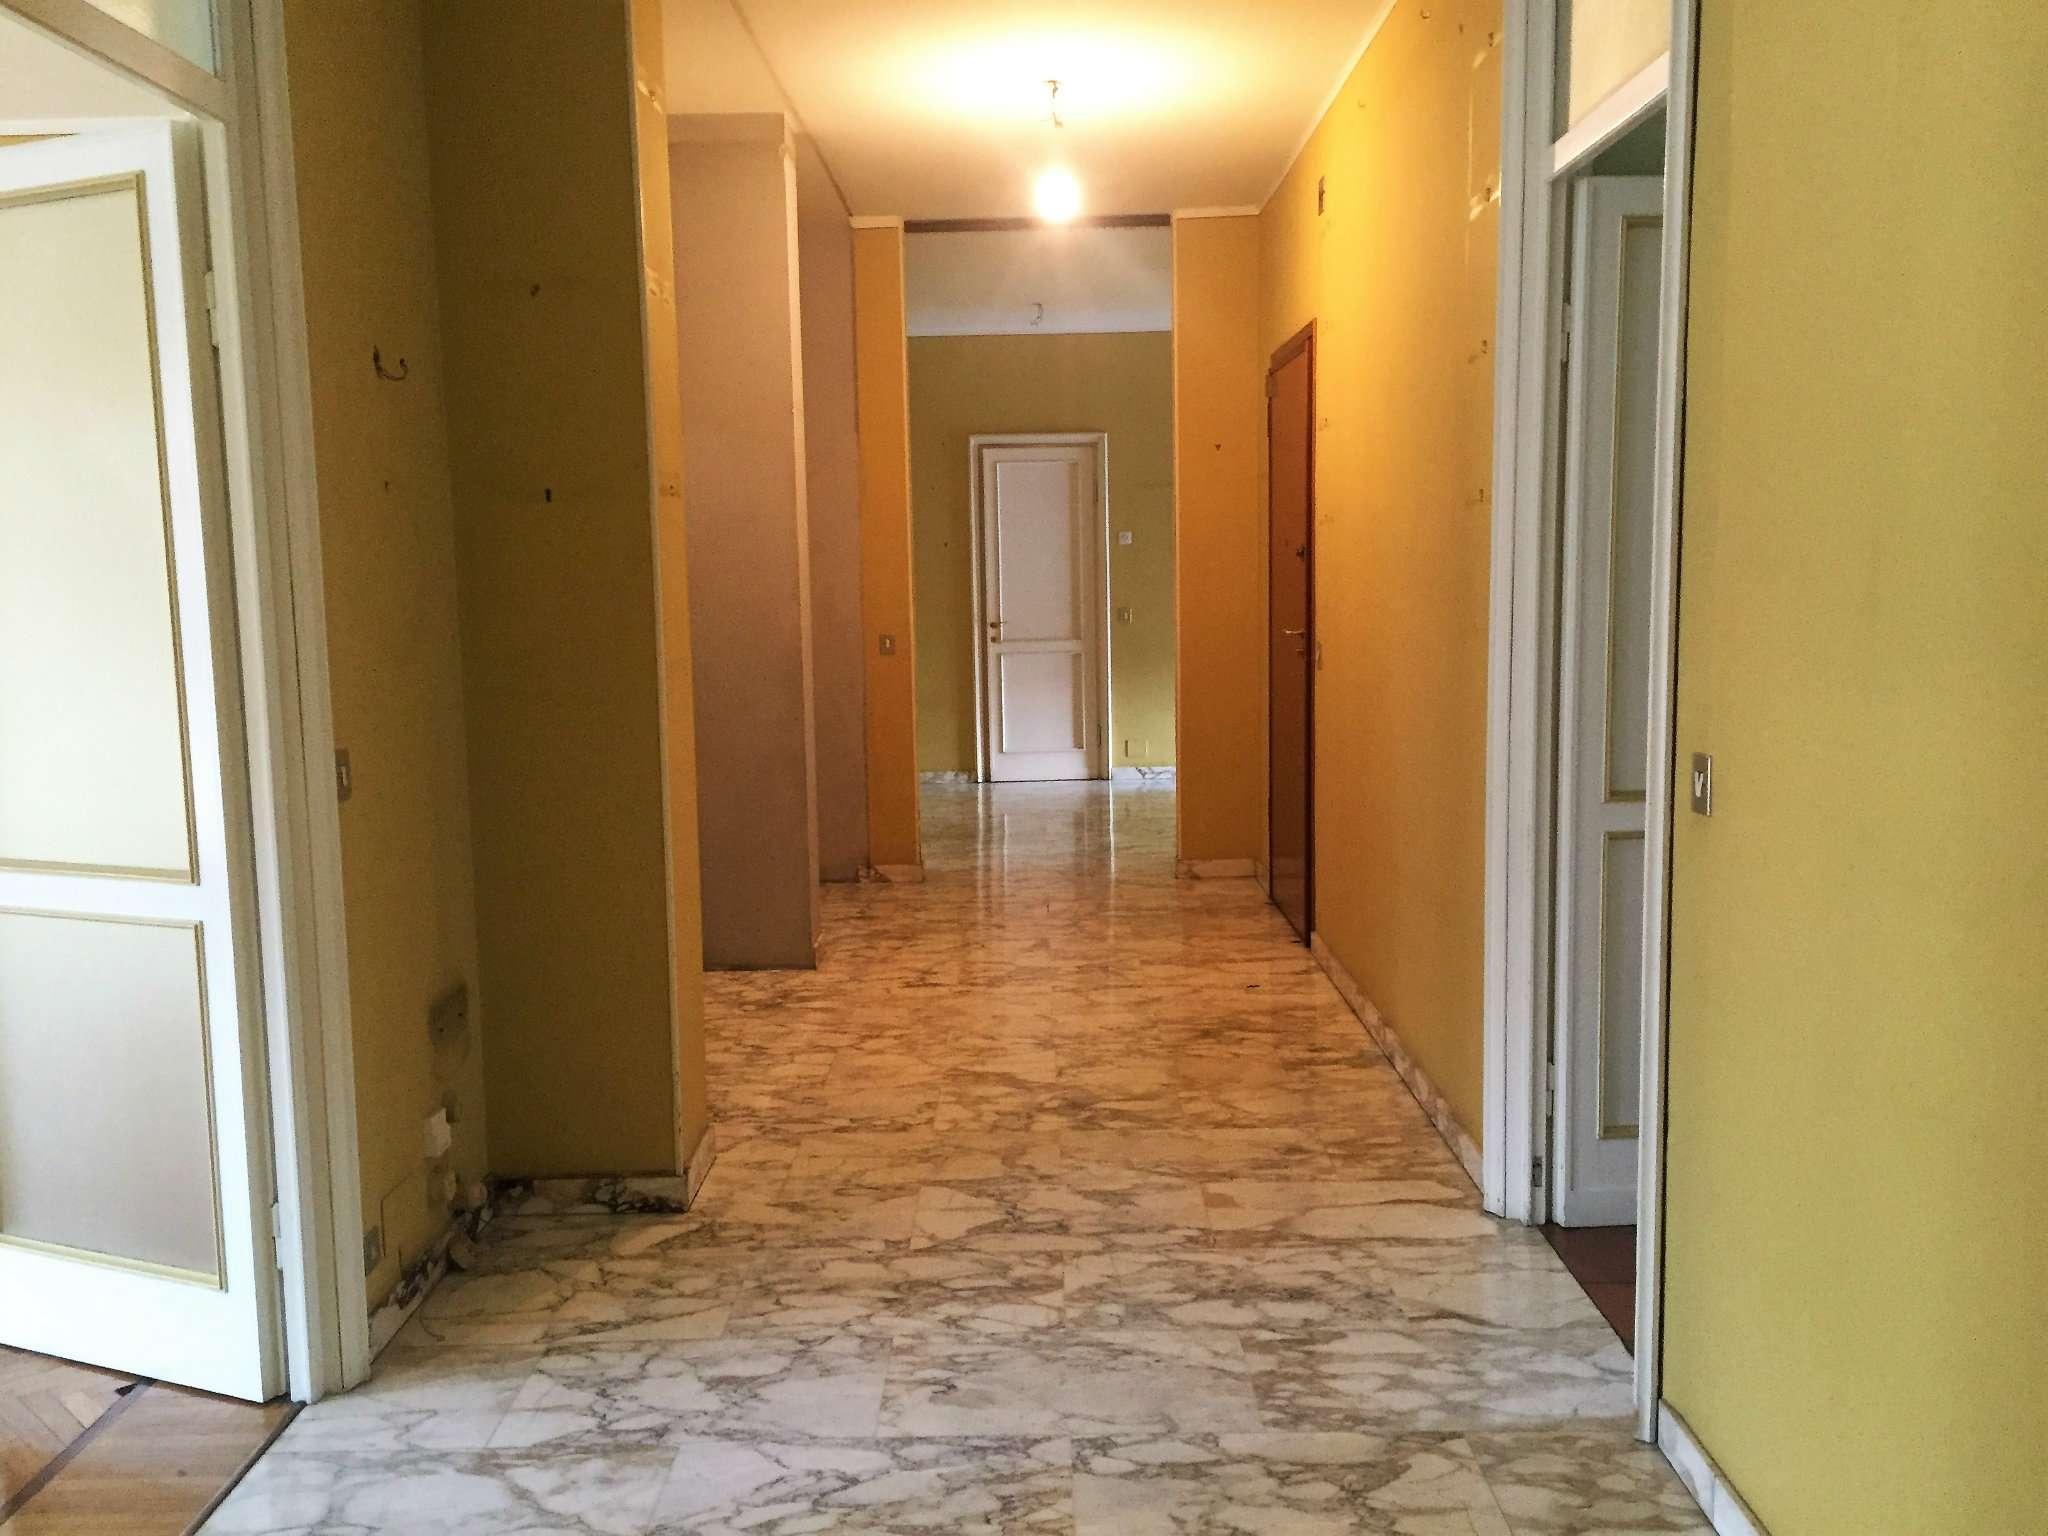 Torino Torino Vendita APPARTAMENTO , affitto alloggio, torino affitti case